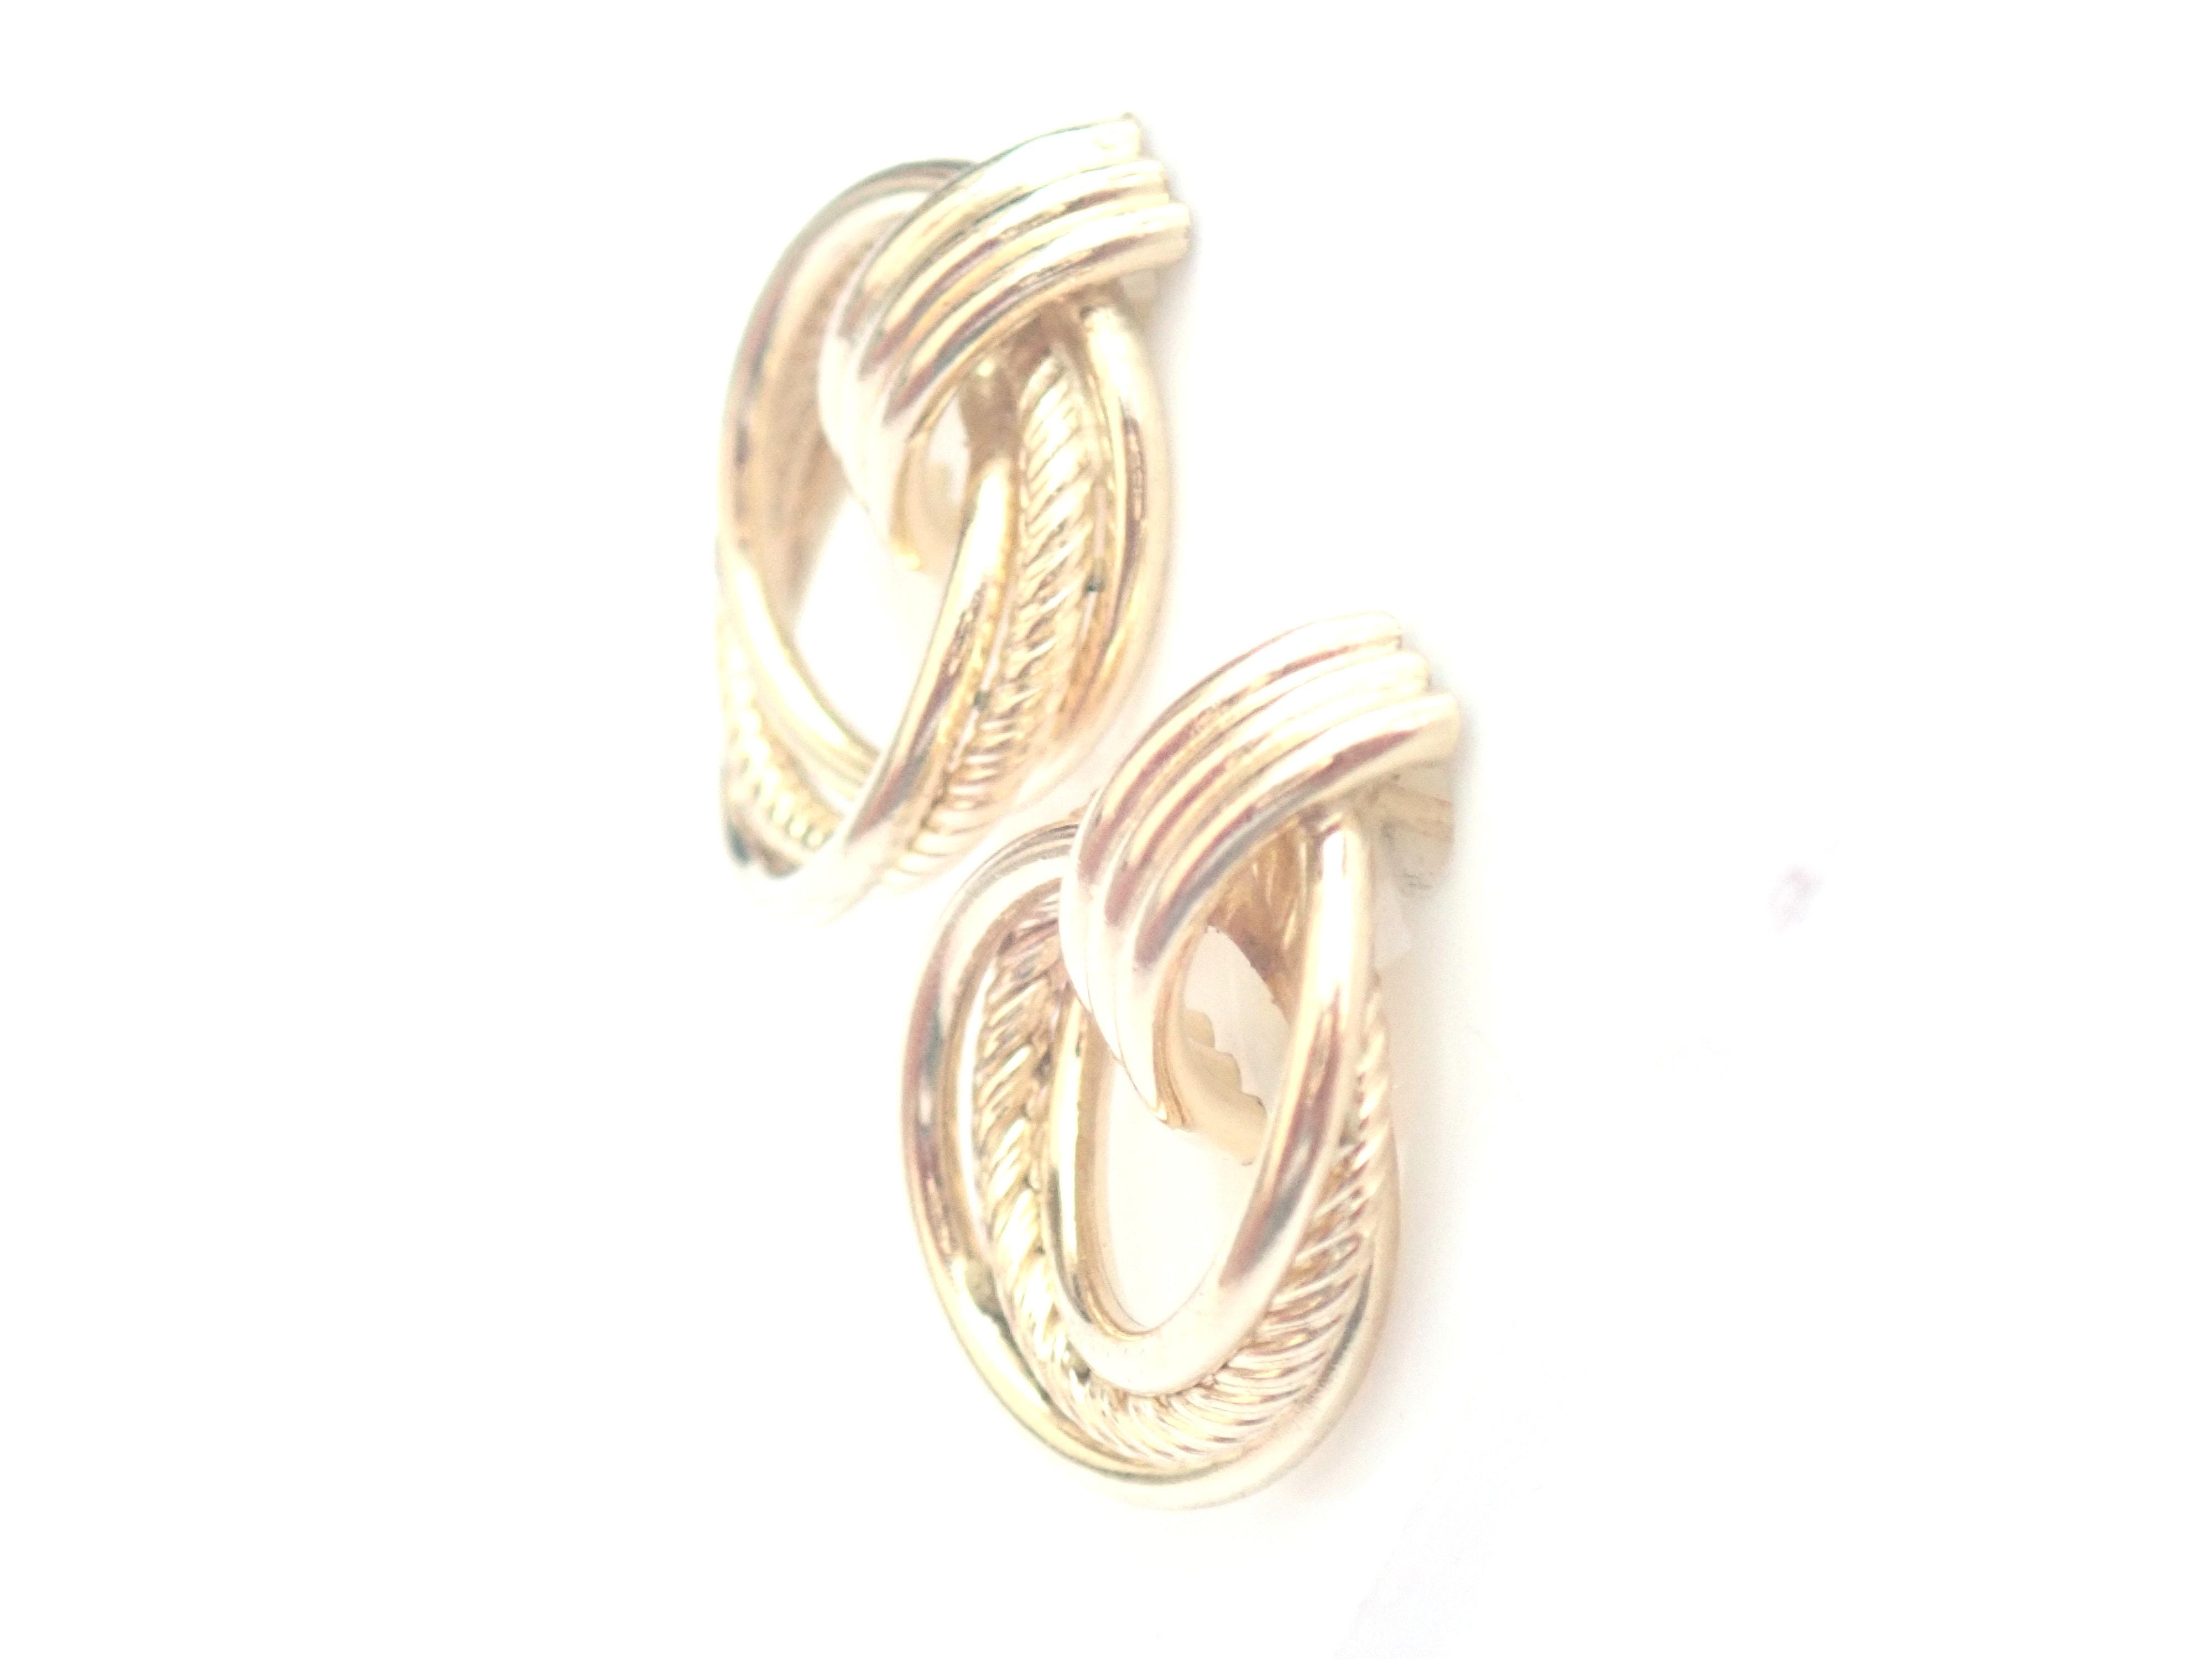 AZZ00487 - 9k 375 Yellow Gold Knot Dangly - Stud Earrings 1.8g #30